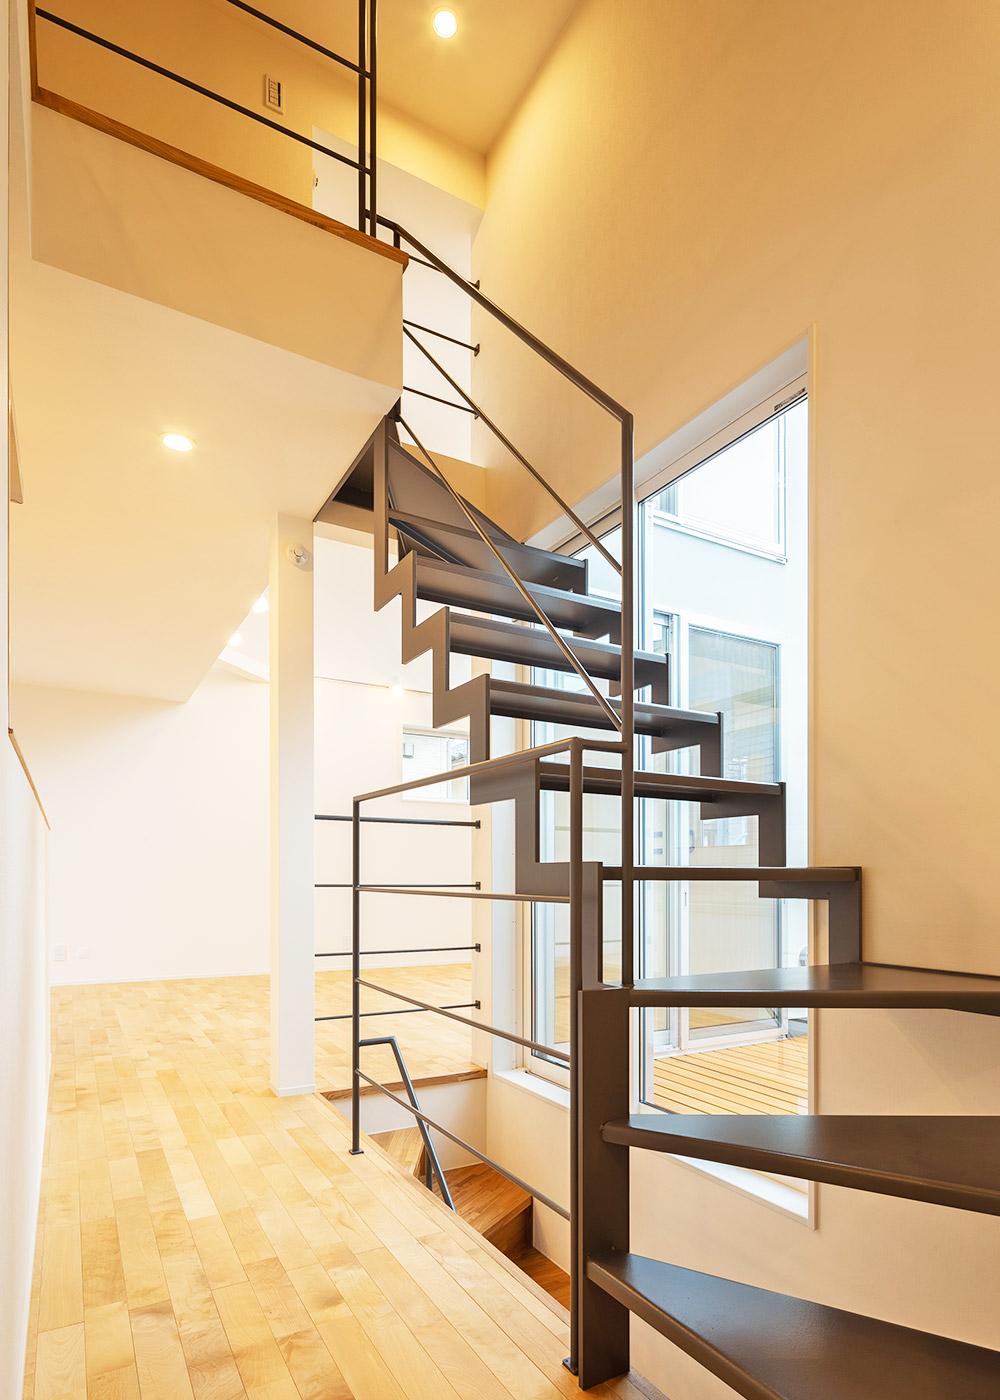 鉄骨階段 / 階段施工例 | デザイン住宅・リノベーションの1010house